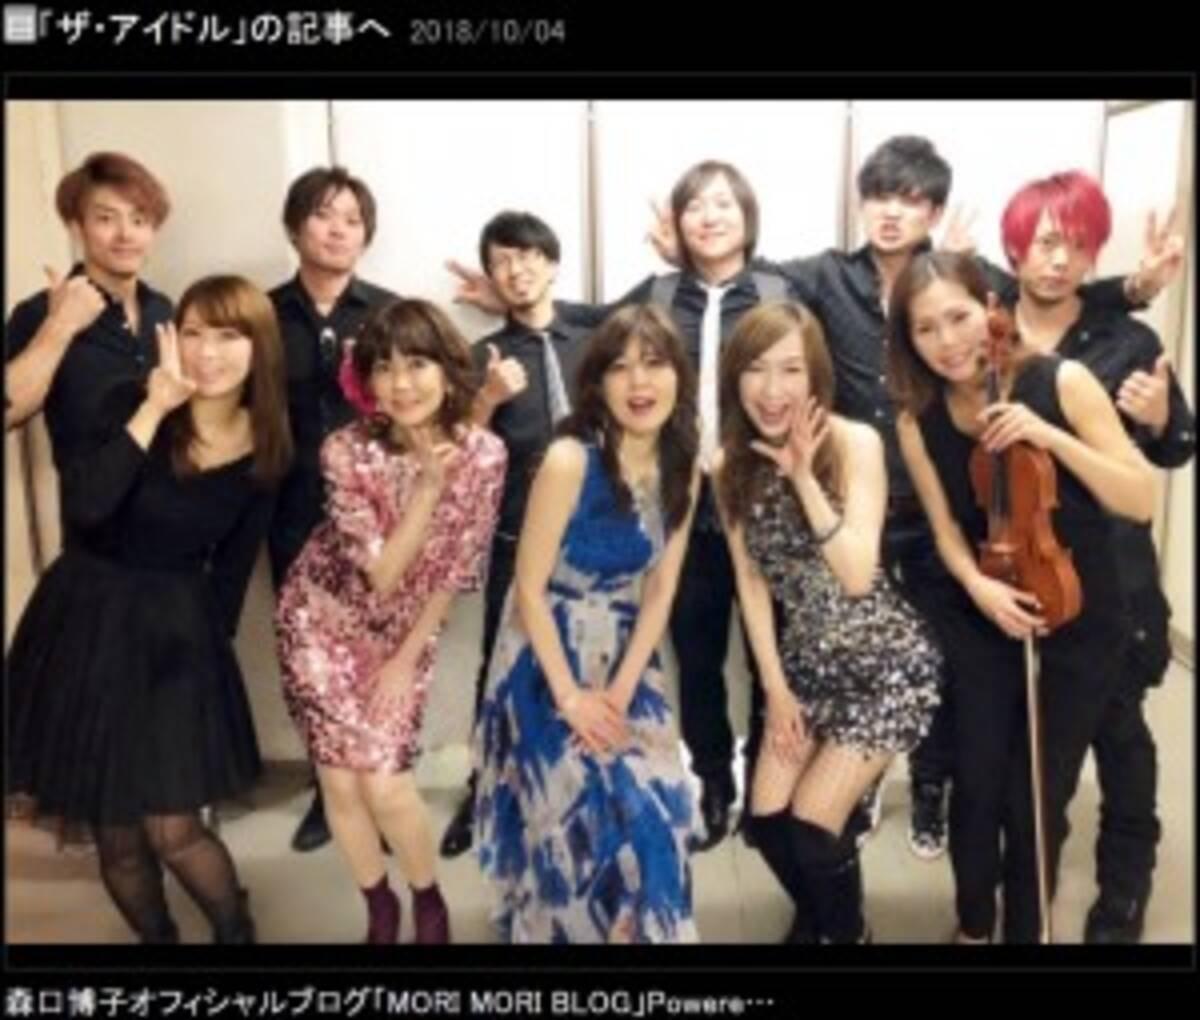 石野真子の ザ アイドル オーラに松本伊代と森口博子 可愛いね 18年10月5日 エキサイトニュース